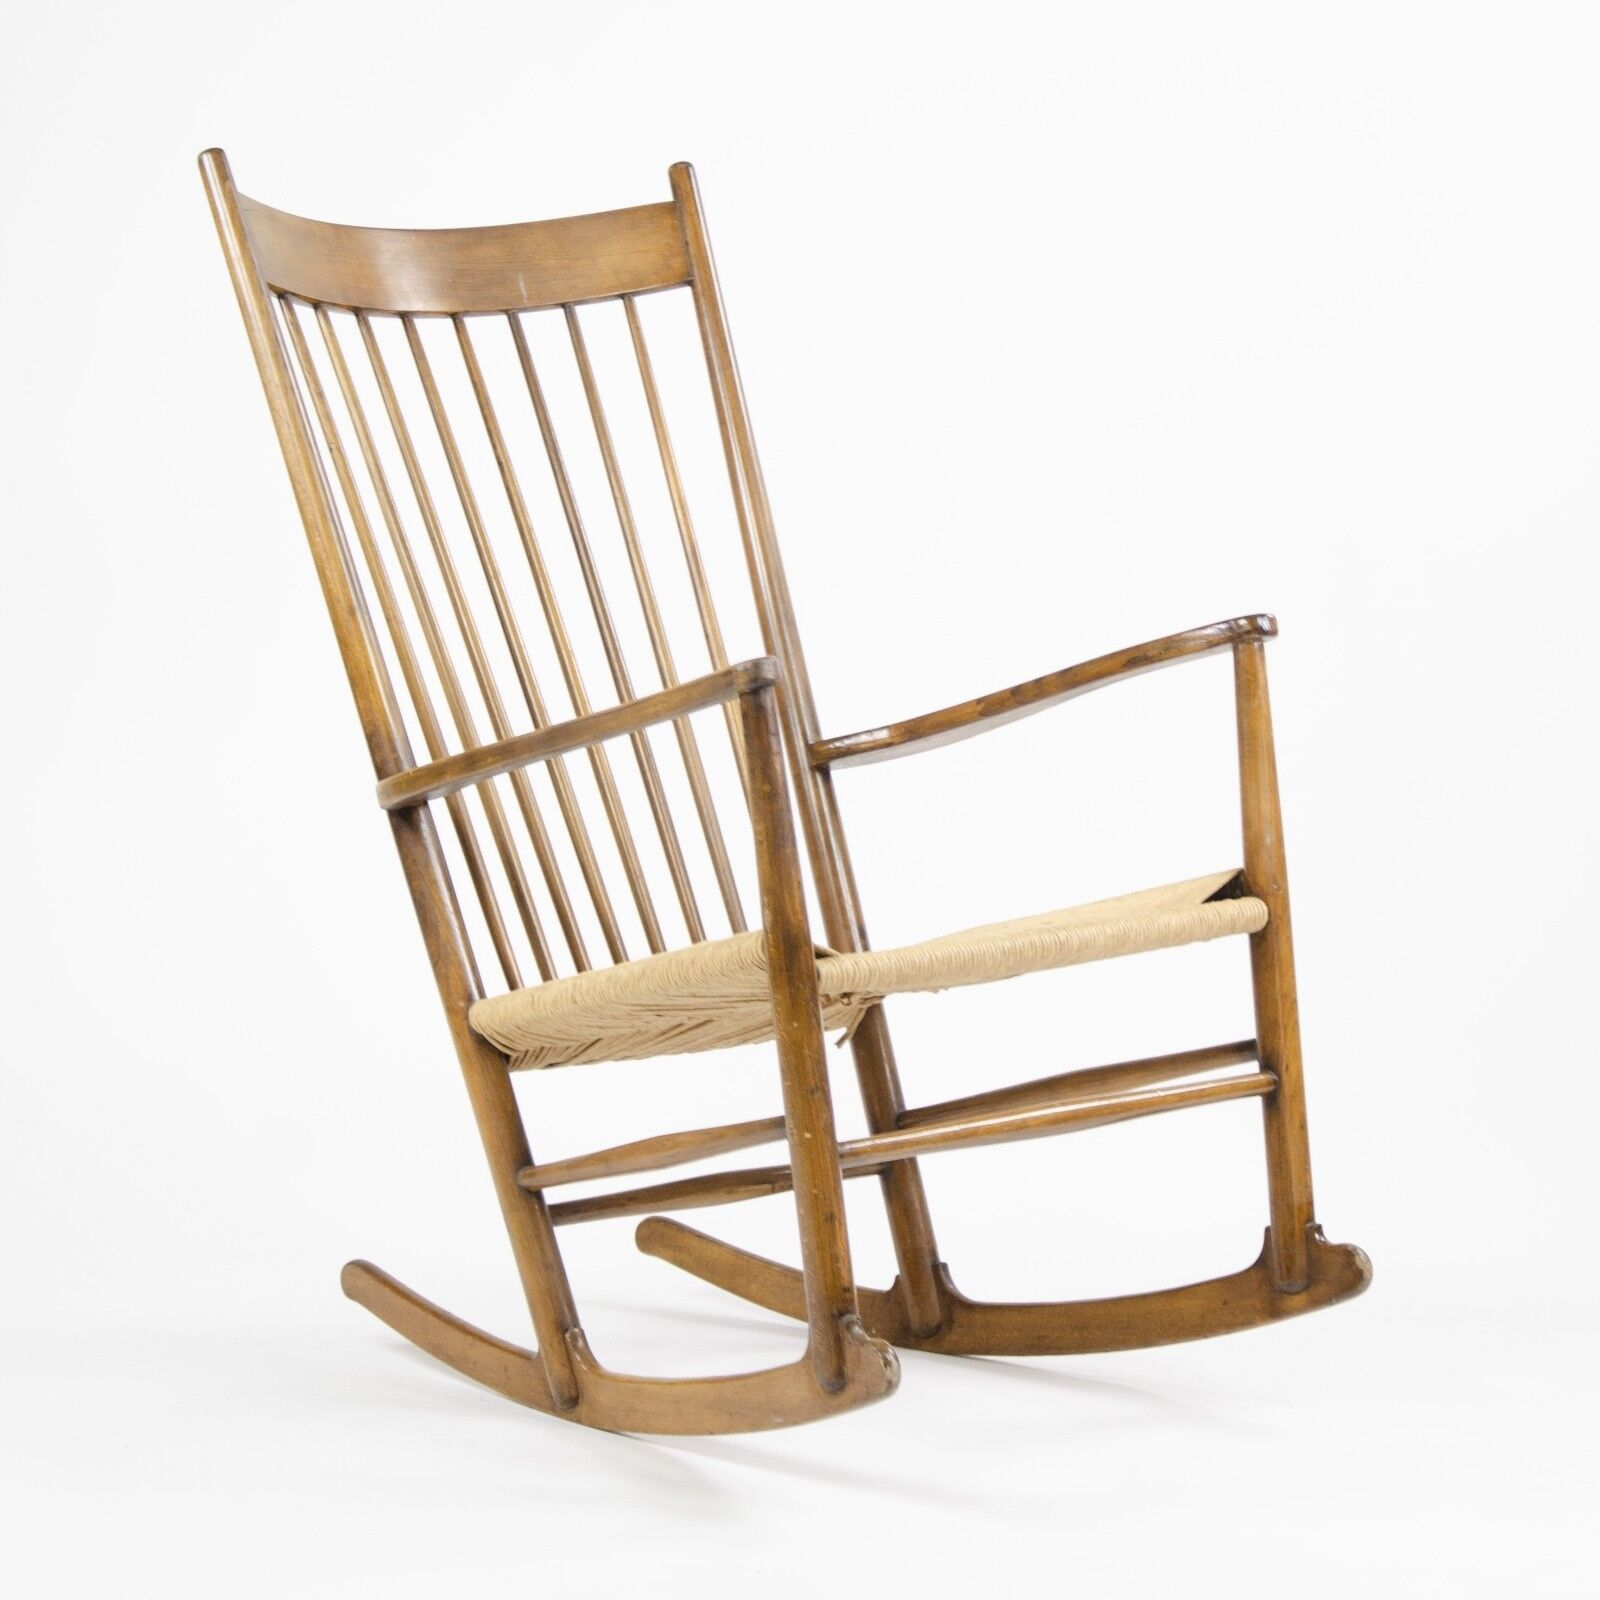 Details About Vintage 1960s Hans Wegner J16 Rocking Chair Mobler FDB Denmark Eames Knoll Kvist